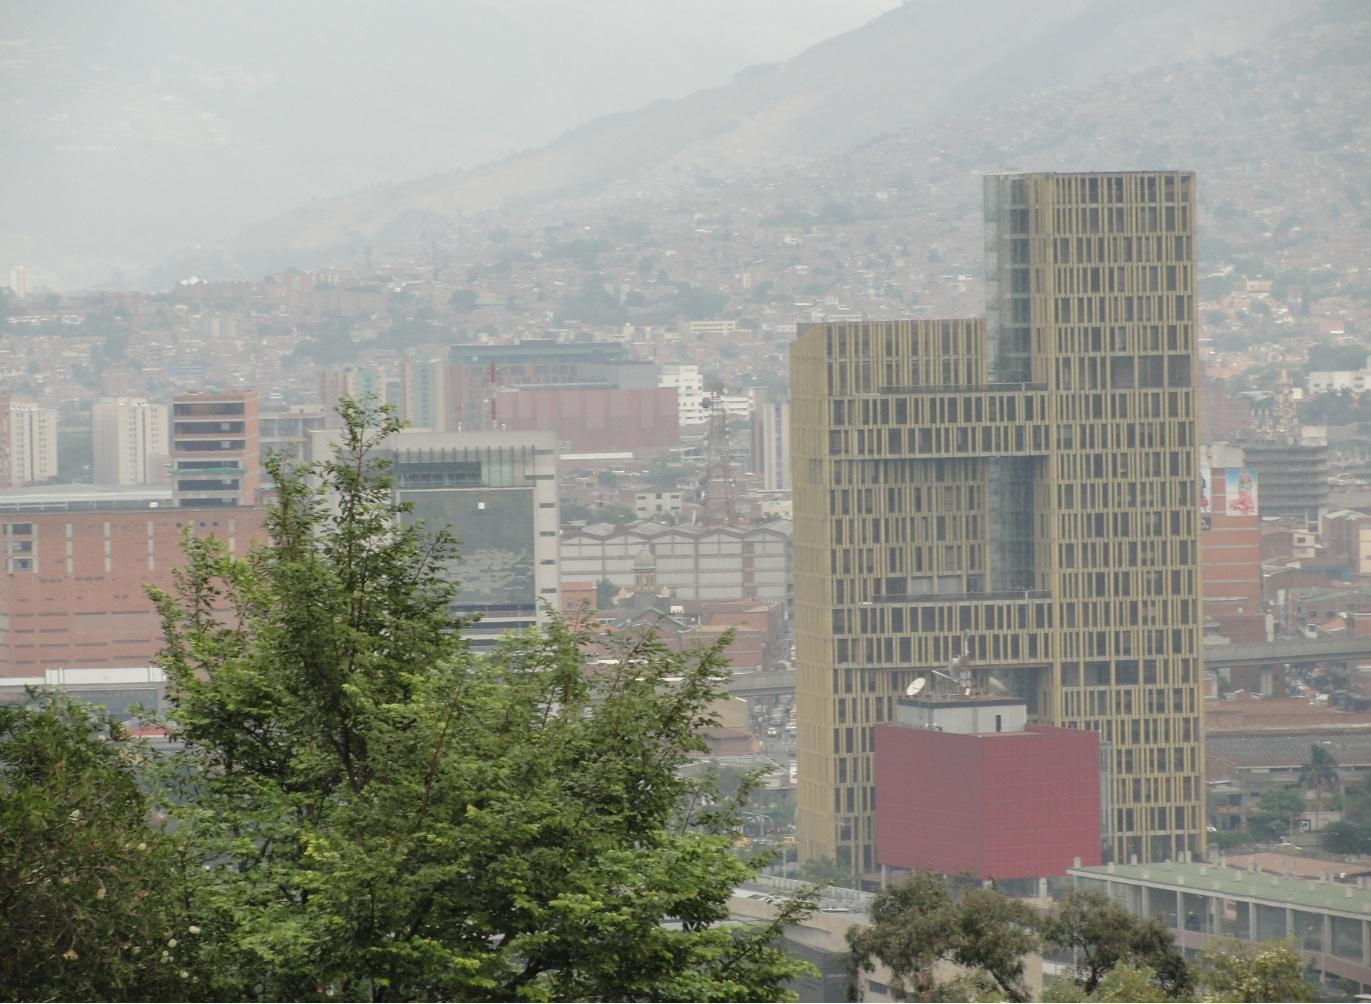 Alpujarra administrative center- Medellin, Colombia